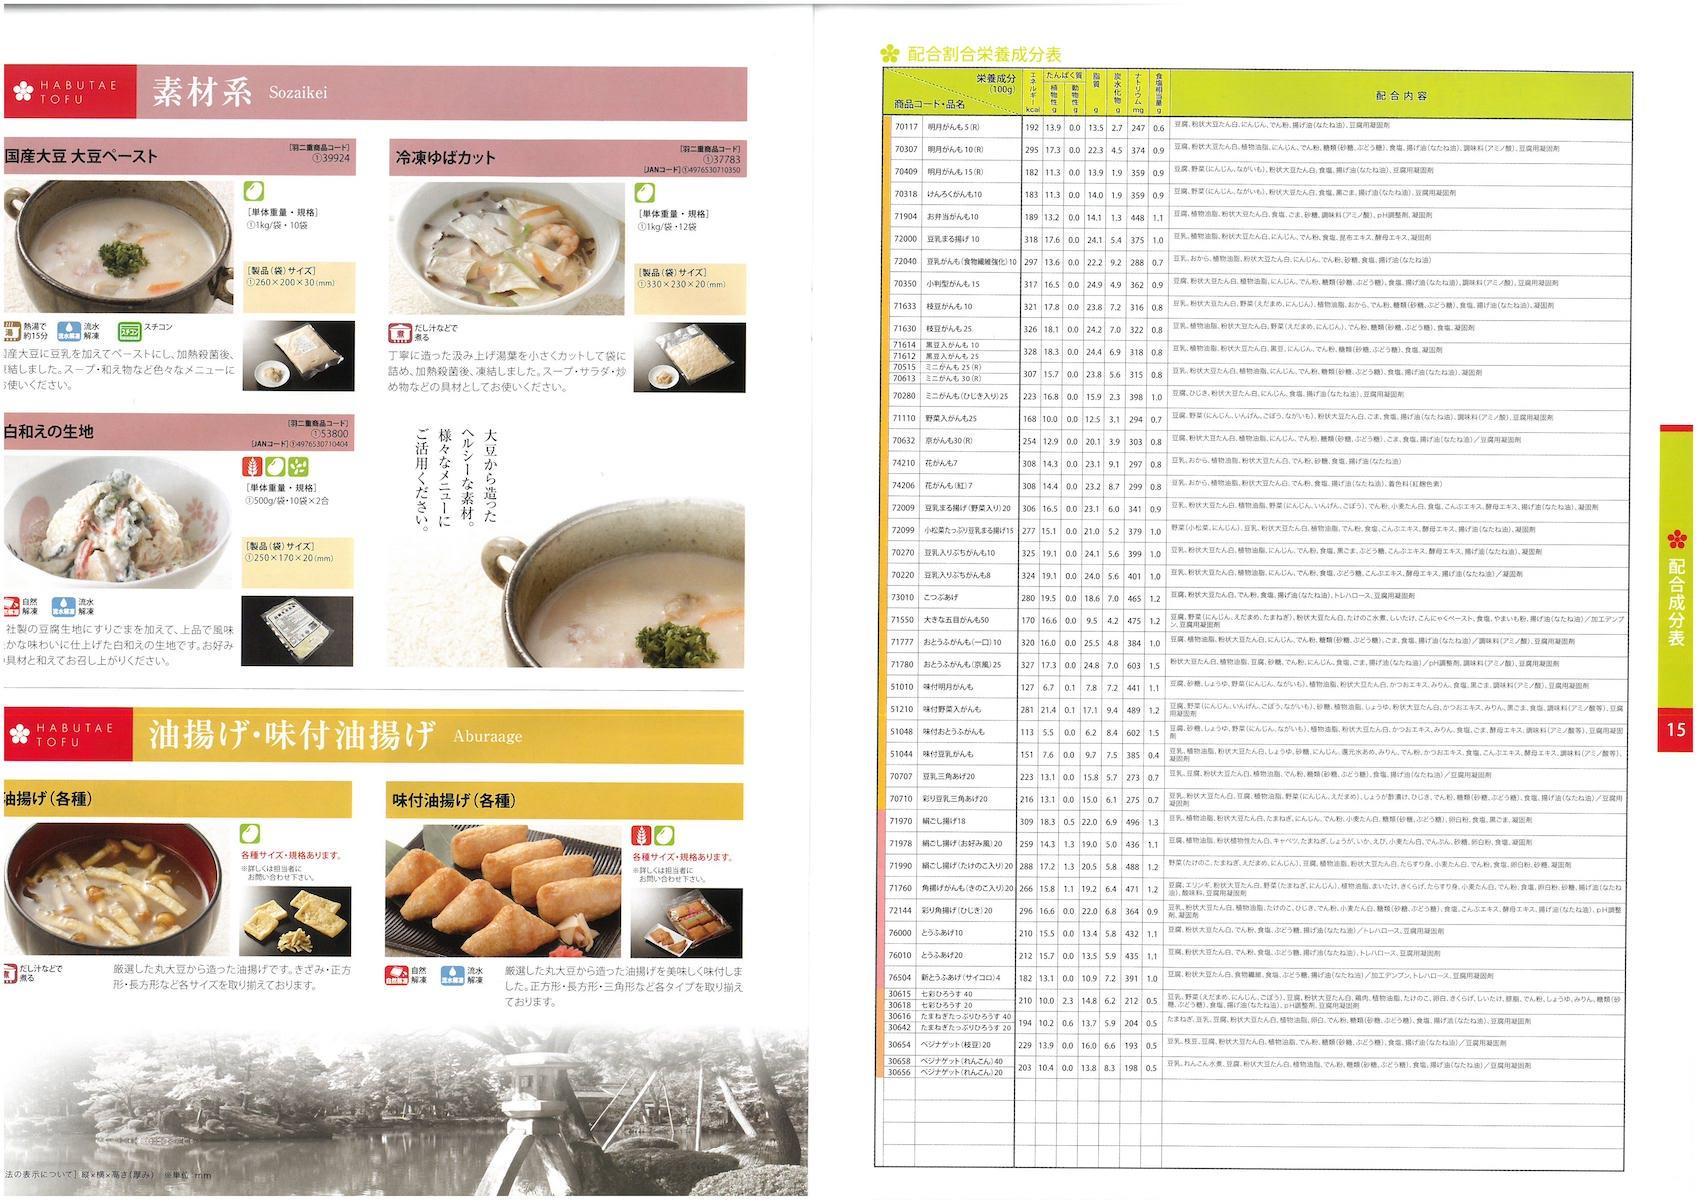 羽二重豆腐 商品総合カタログ